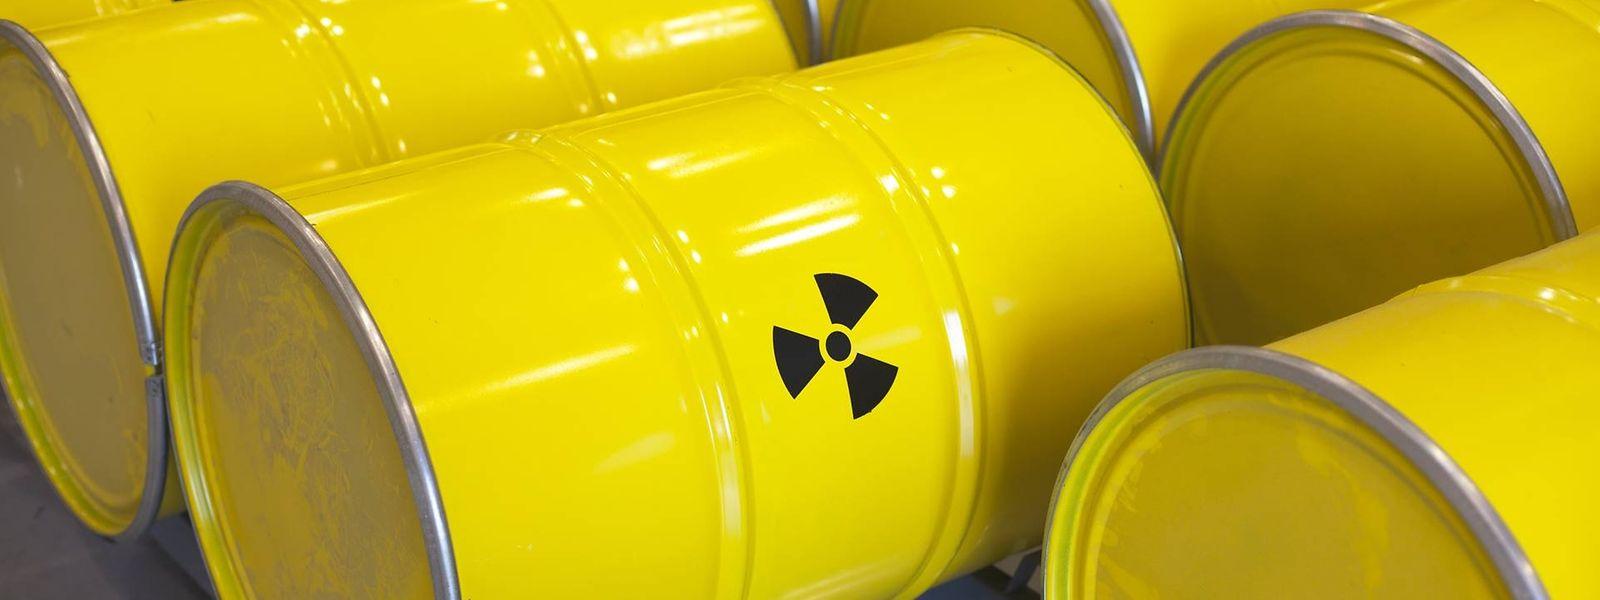 Les déchets radioactifs qui pourraient être localisés dans la région de Neufchâteau pourraient impacter le lac de la Haute-Sûre.